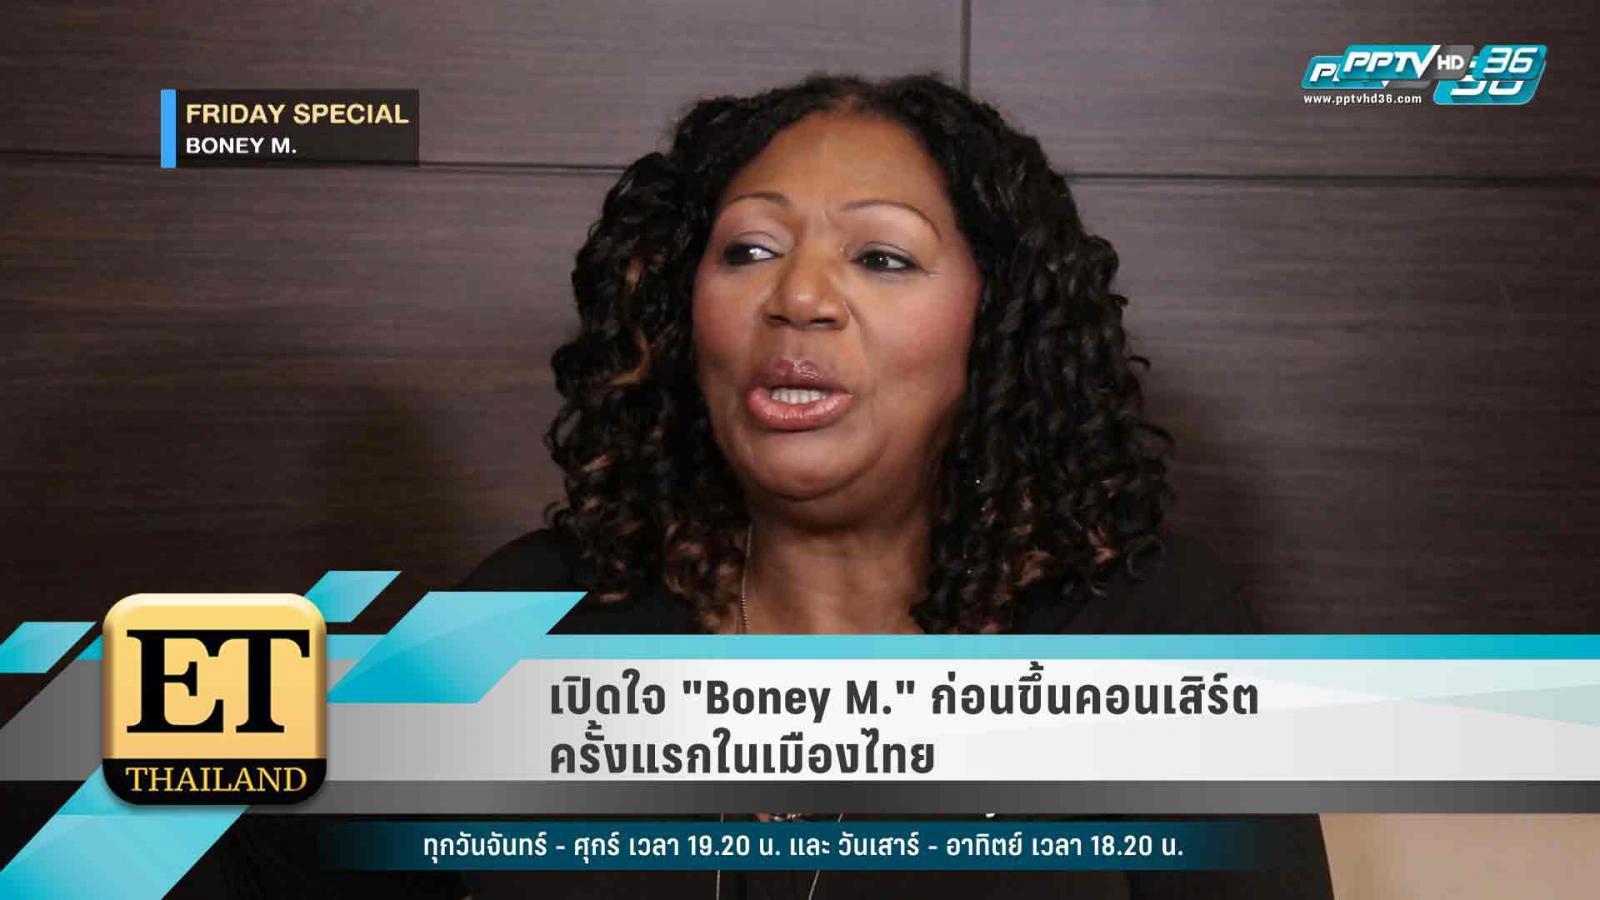 """เปิดใจ """"Boney M.""""ก่อนขึ้นคอนเสิร์ตครั้งแรกในเมืองไทย"""